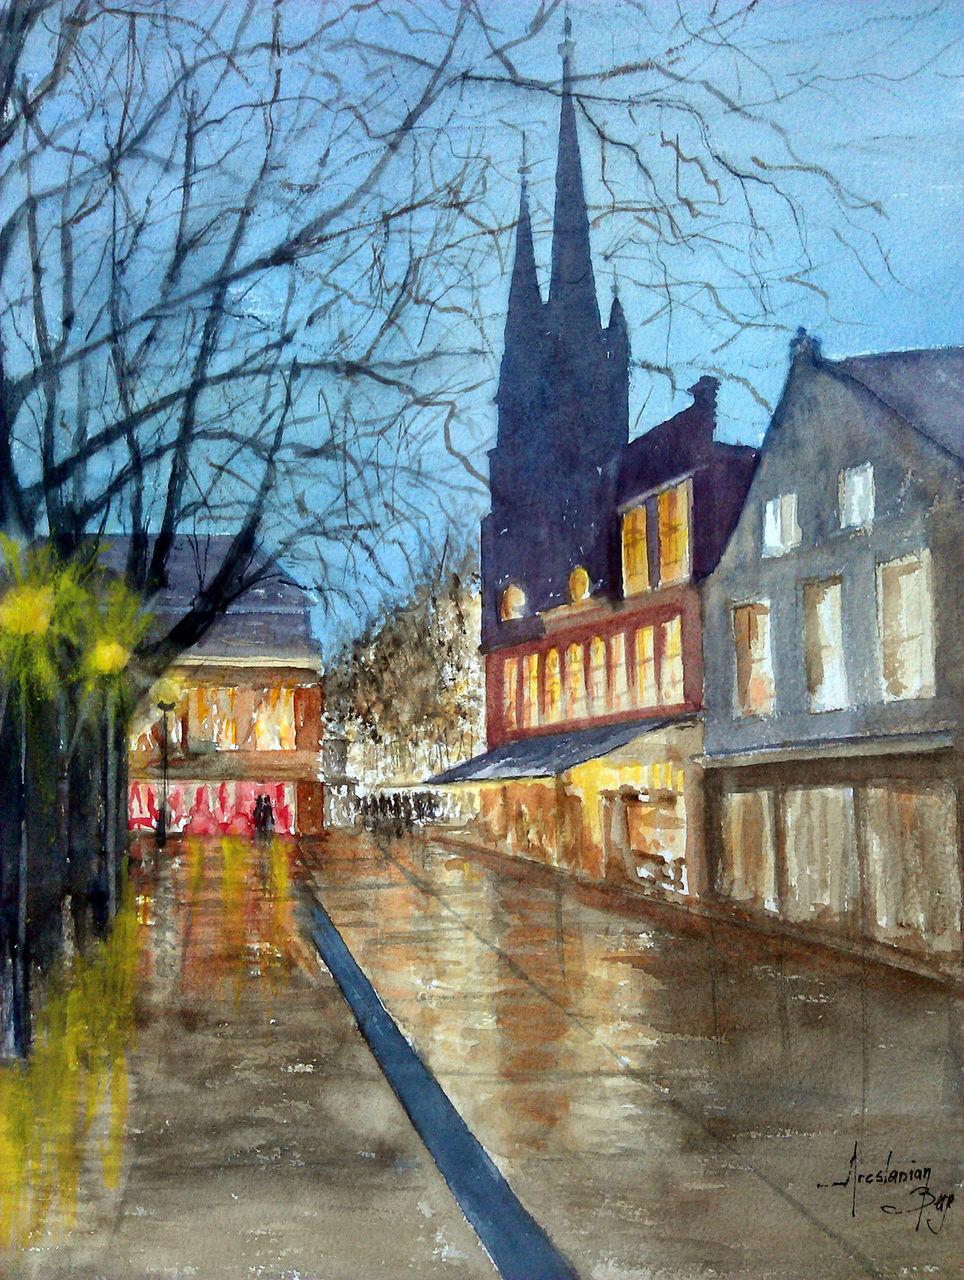 ARESLANIAN Berge Square sous la pluie - Delft - Pays Bas